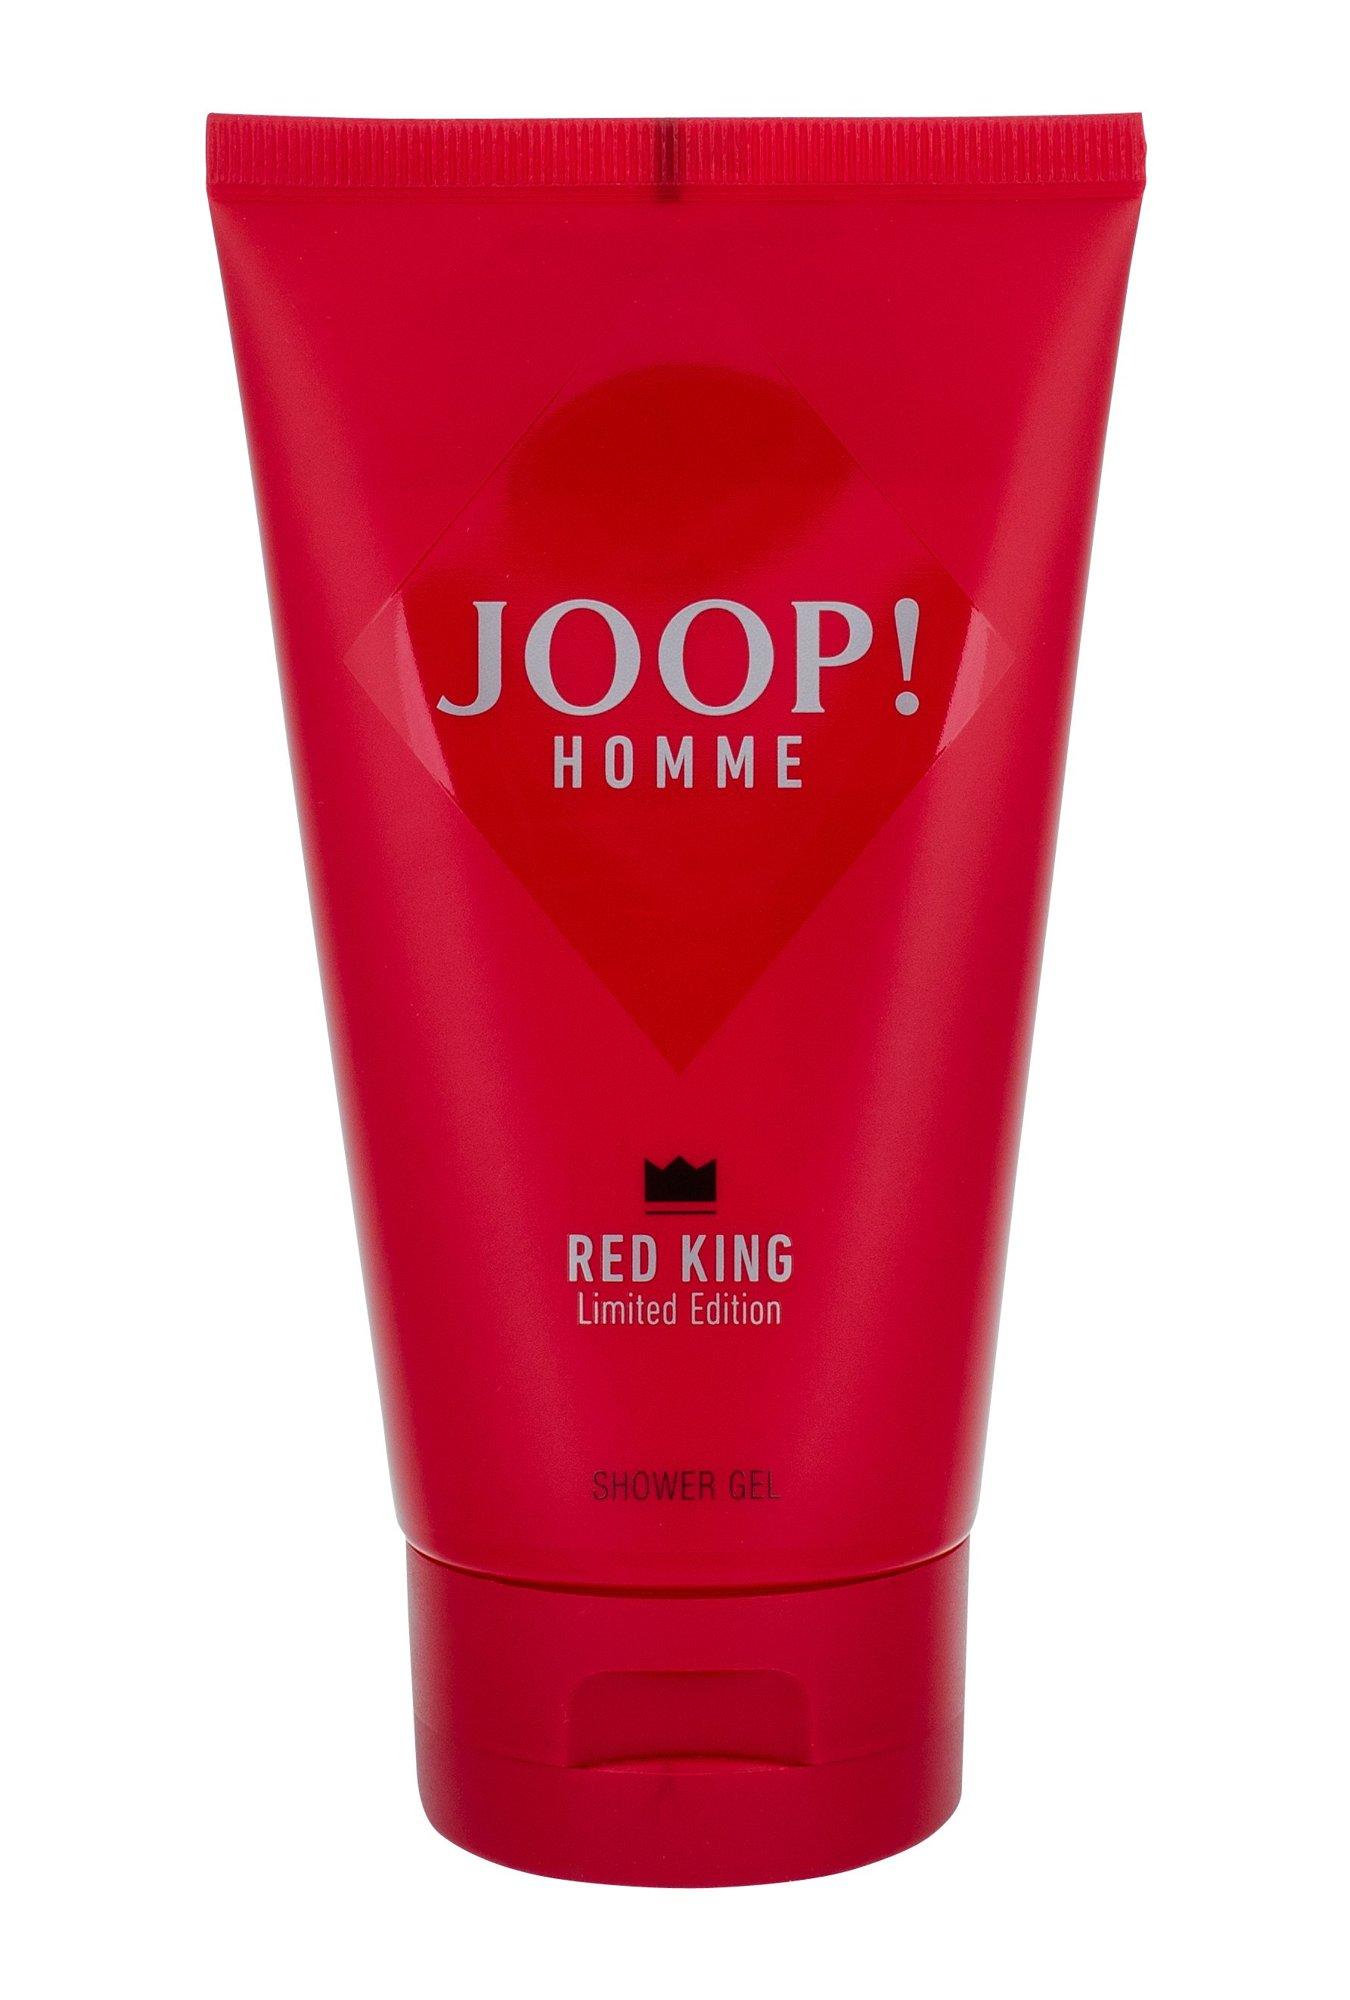 JOOP! Homme Red King Shower gel 150ml